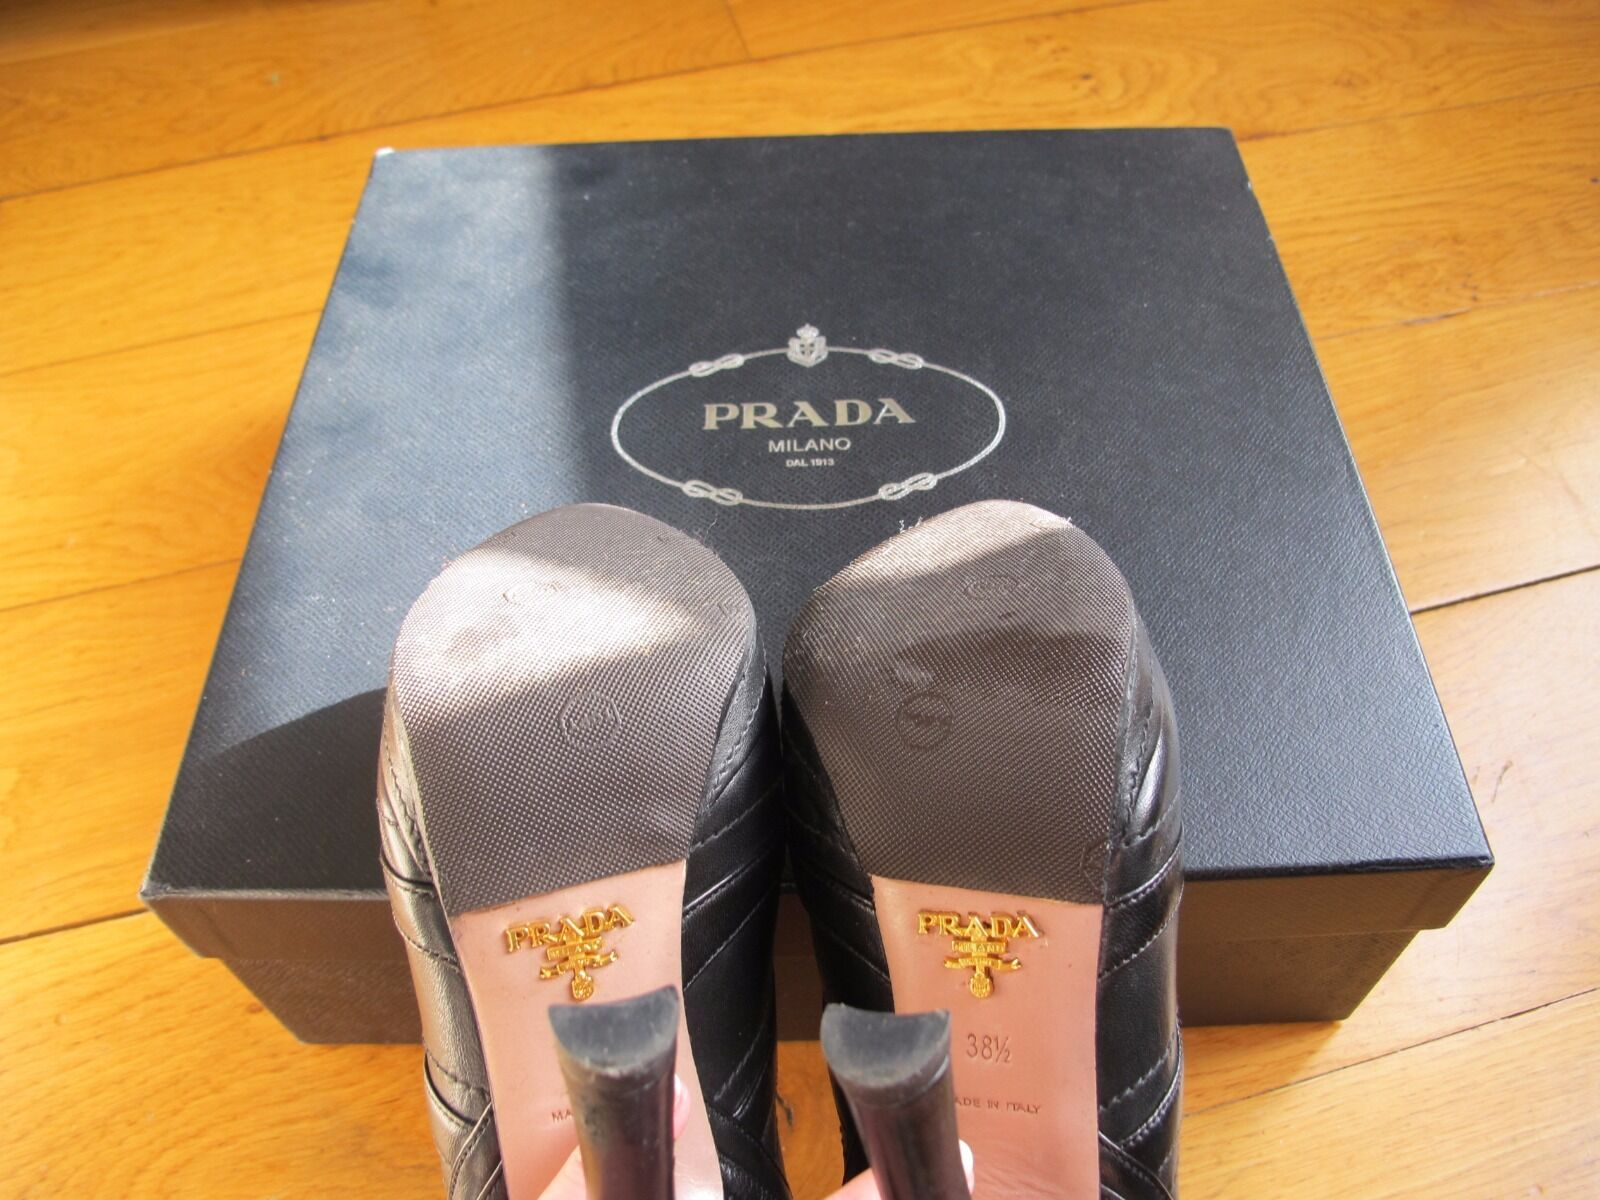 Bottines PRADA en cuir cuir en negro T38.5 6399a5